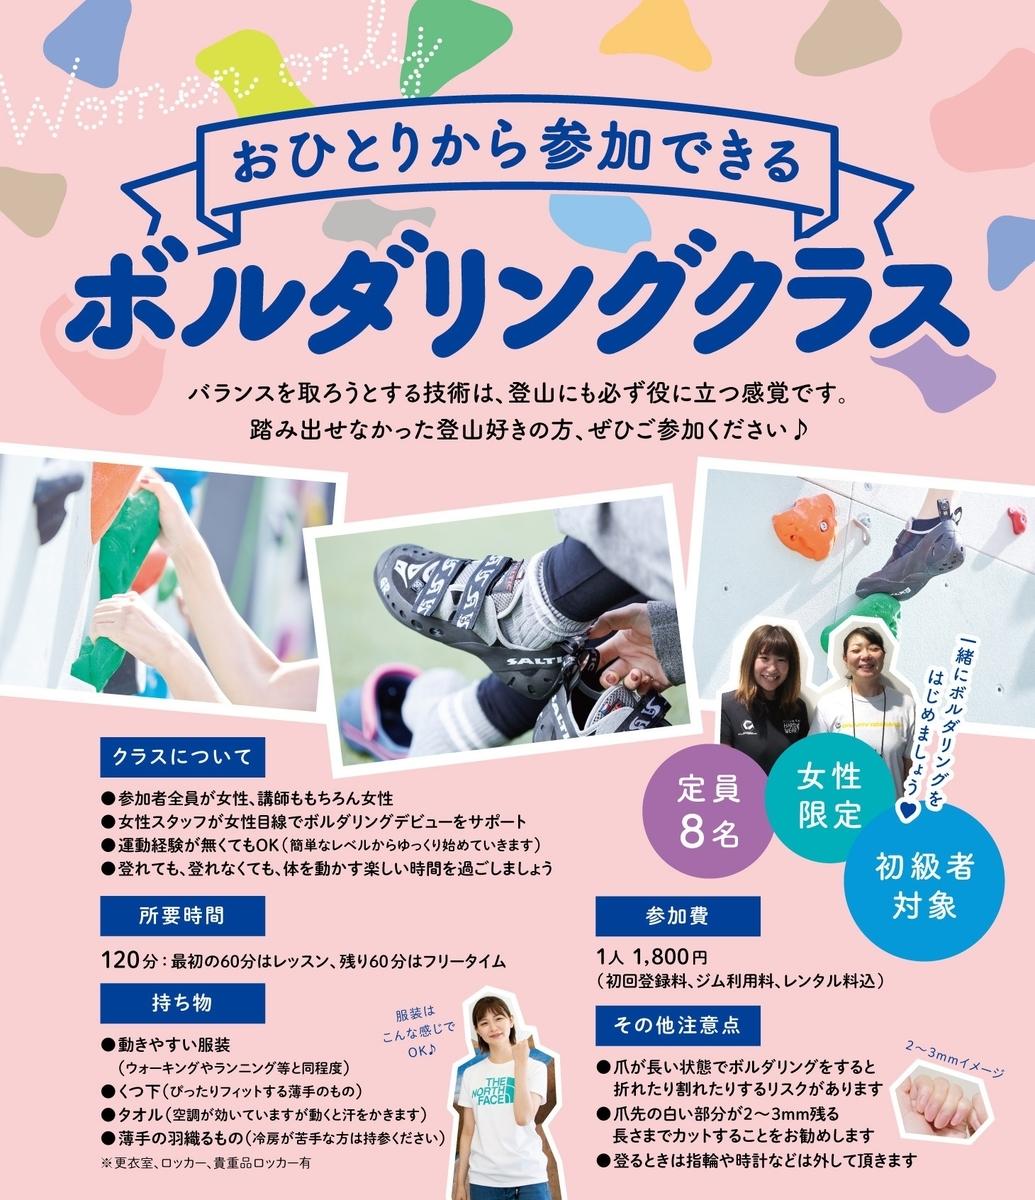 【初めてジムをご利用の女性の方へ】女性限定初心者ボルダリング体験会 4月実施中!!